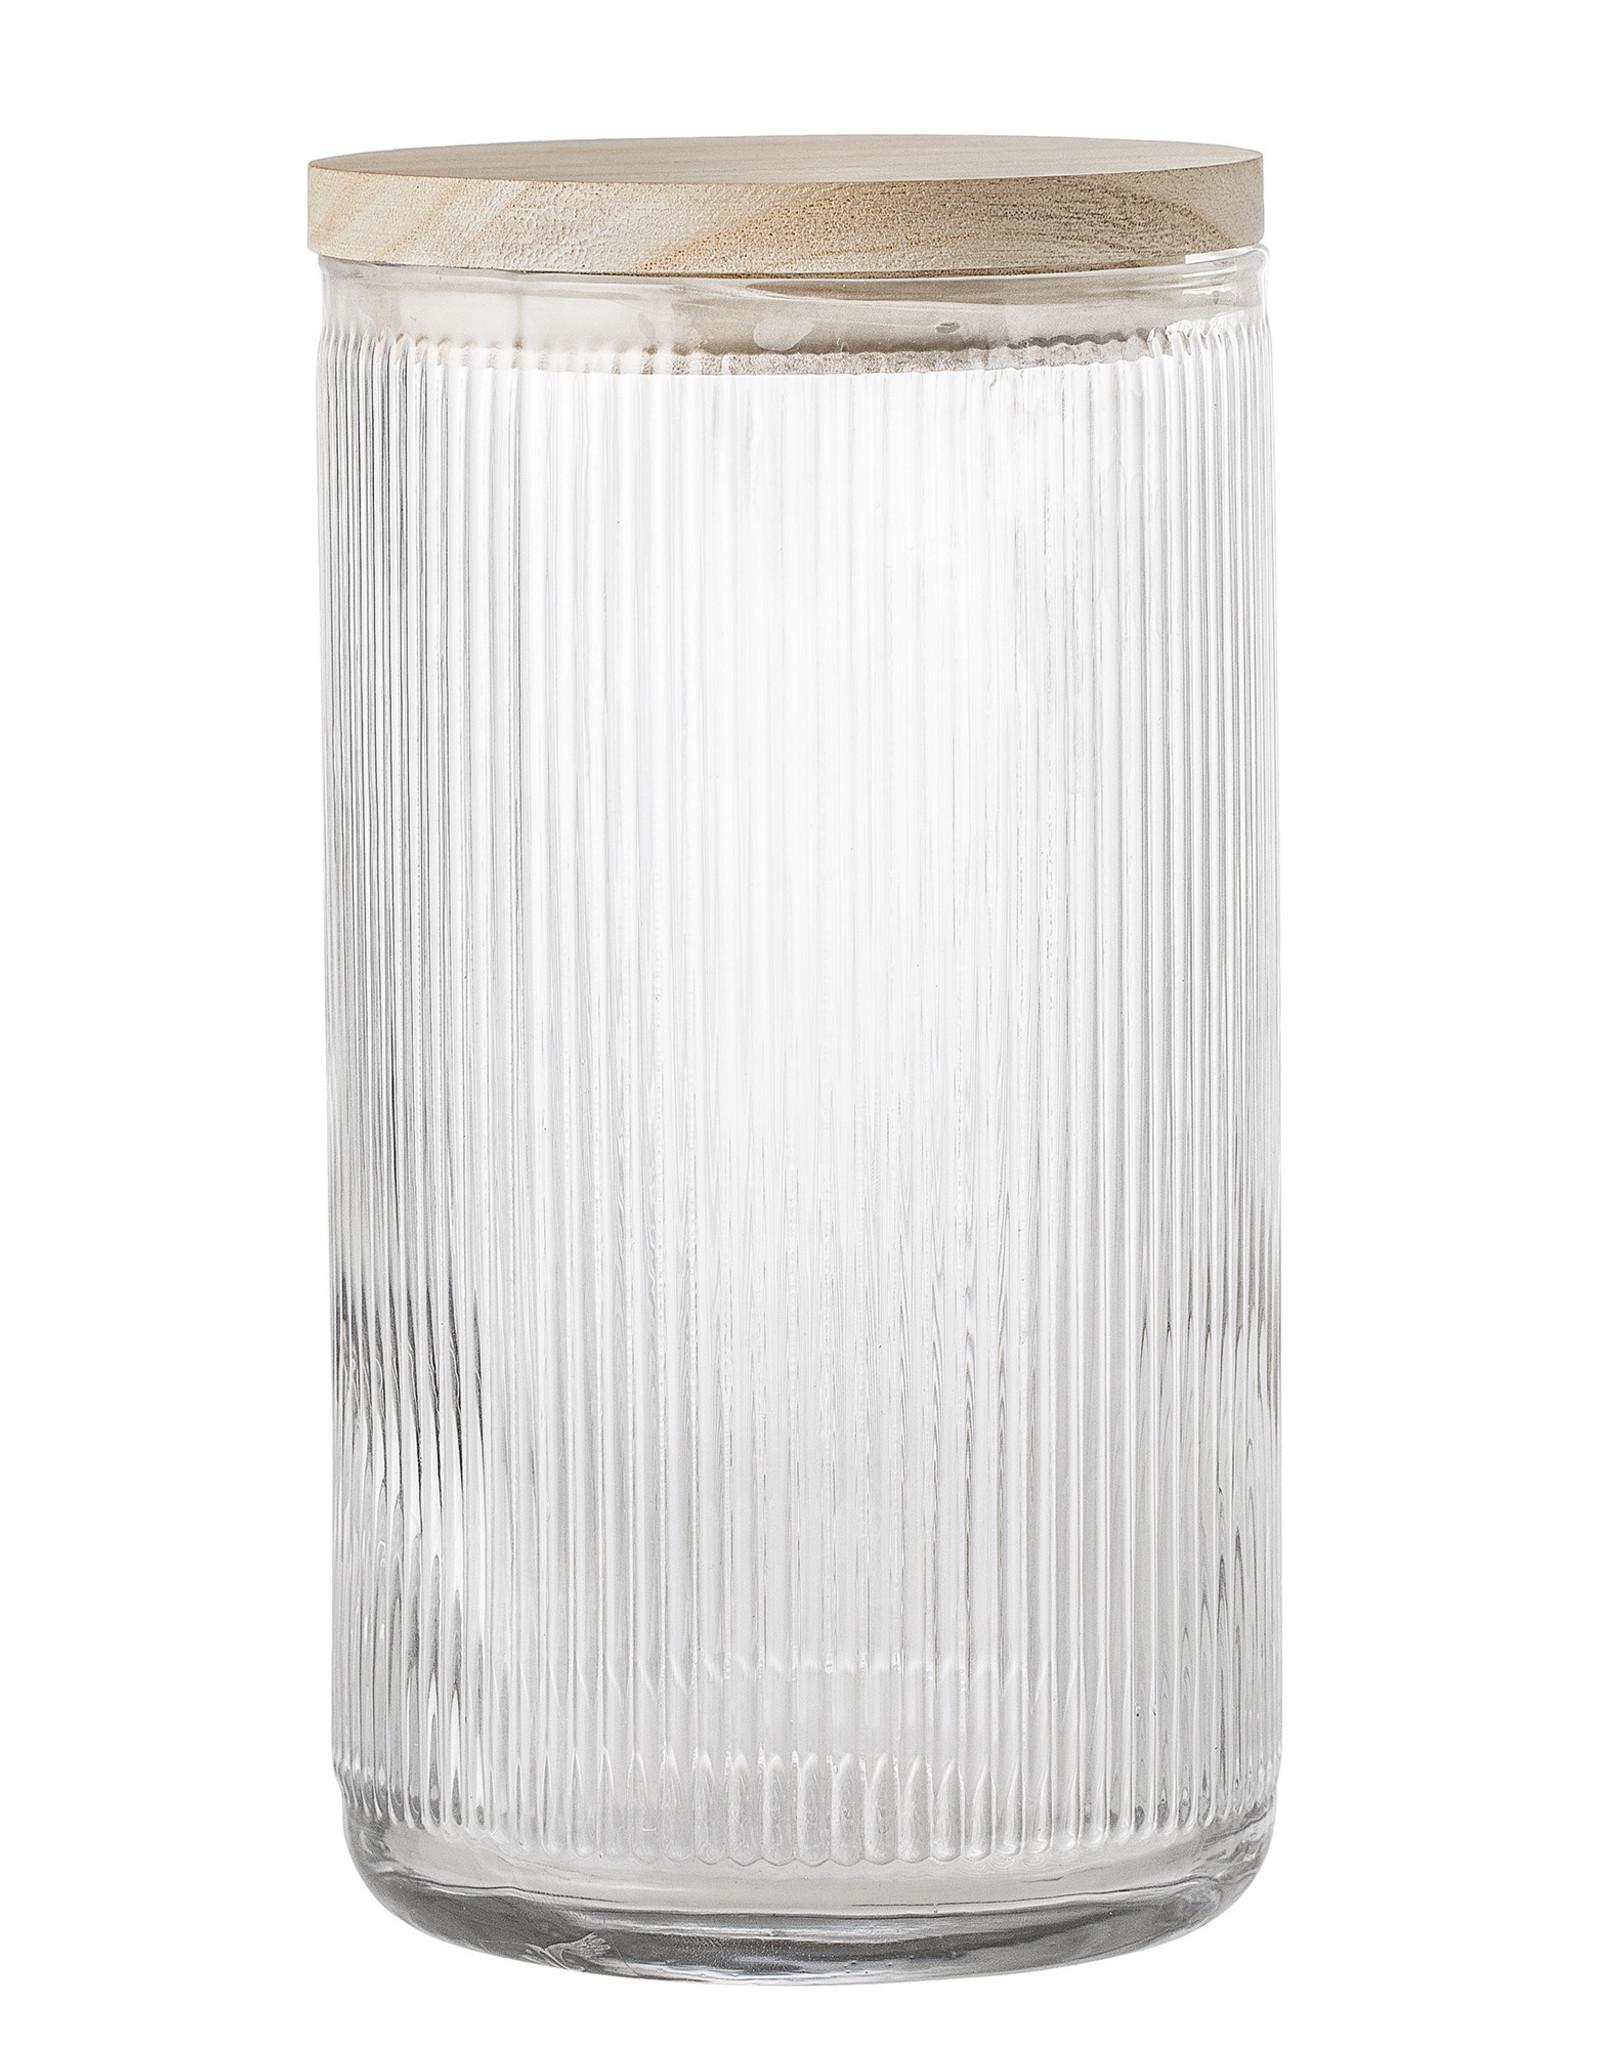 Bloomingville Bloomingville Hona Voorraadpot Glas-Hout